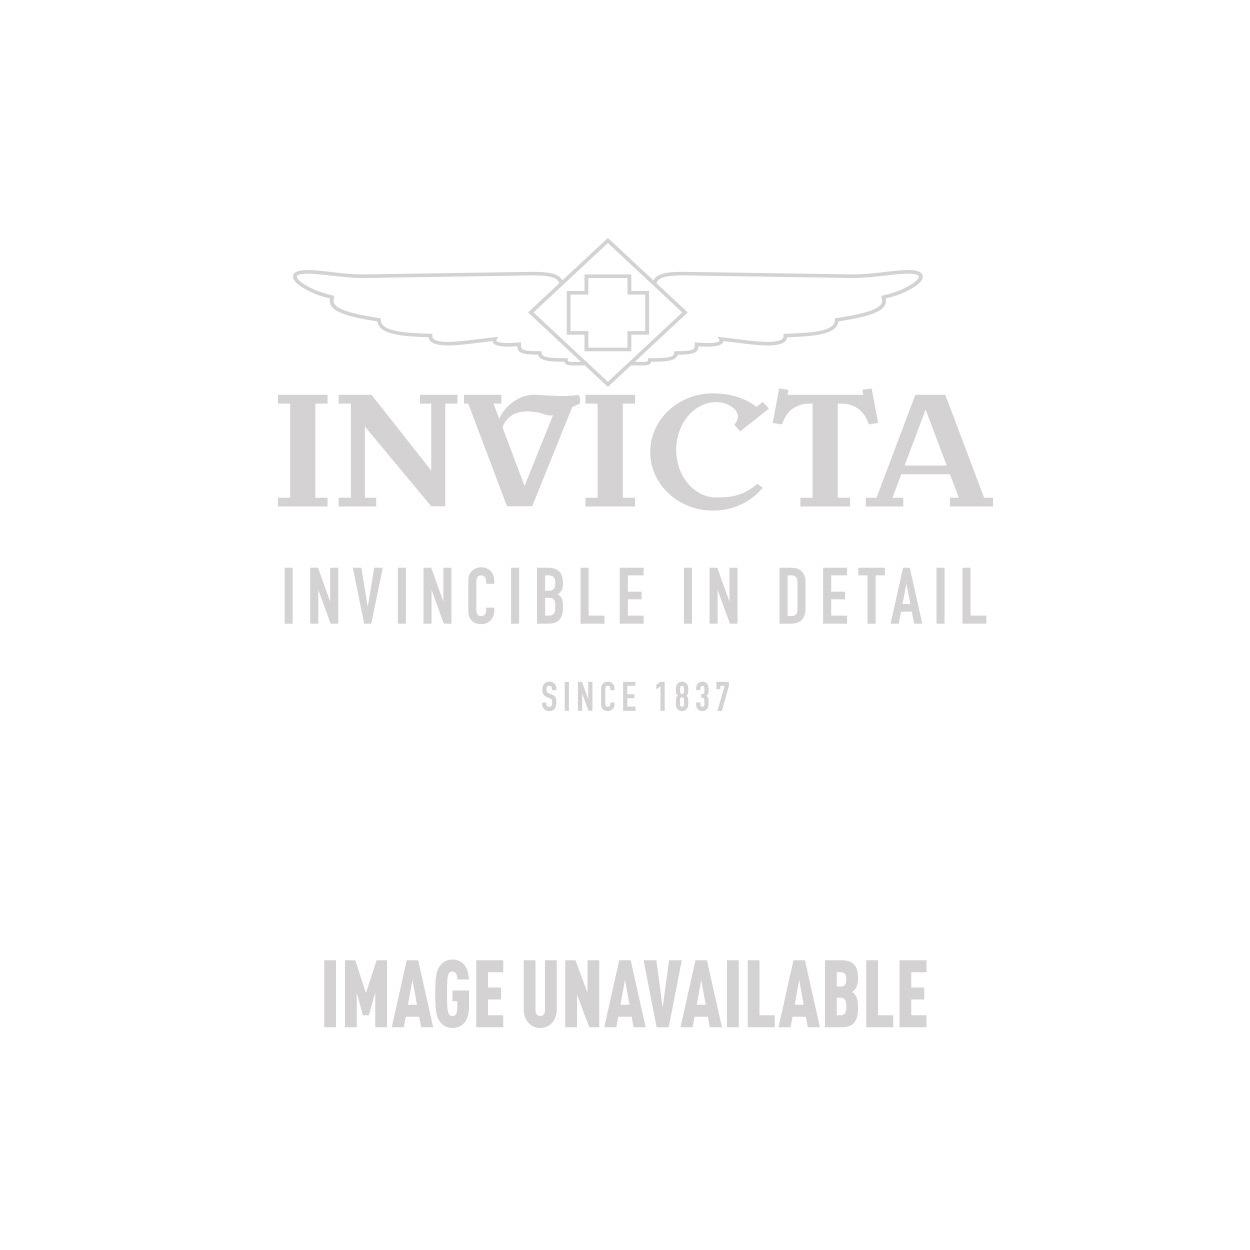 Invicta Model 25510